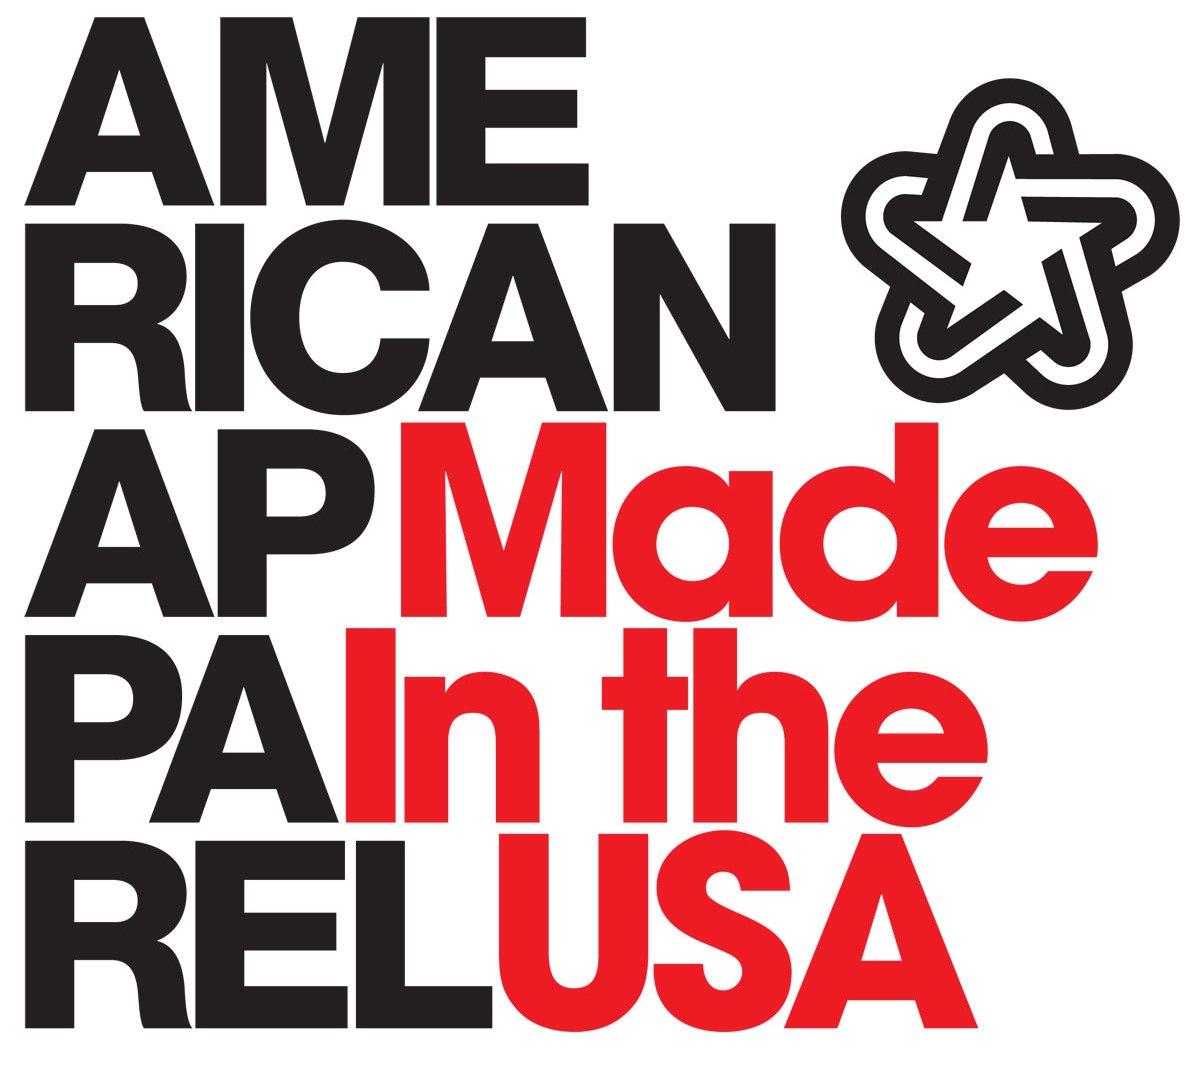 american apparel fonts forum dafont com